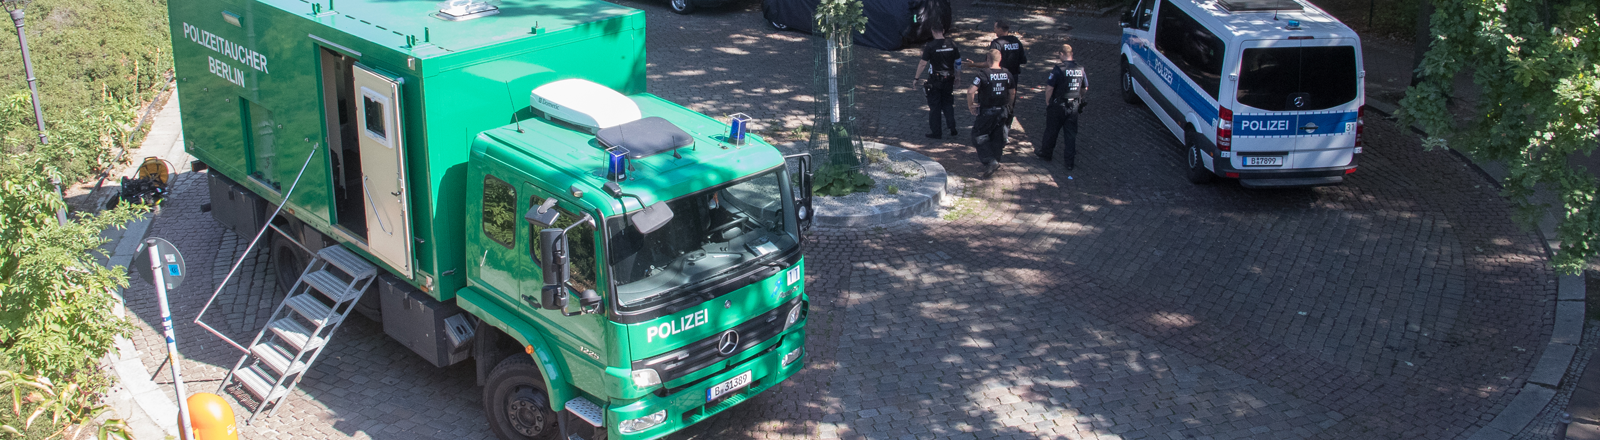 23.08.2019 - Am Freitag Mittag hat ein Radfahrer einen Mann in Kleinen Tiergarten, Turmstrasse / Stromstrasse vom Fahrrad aus erschossen